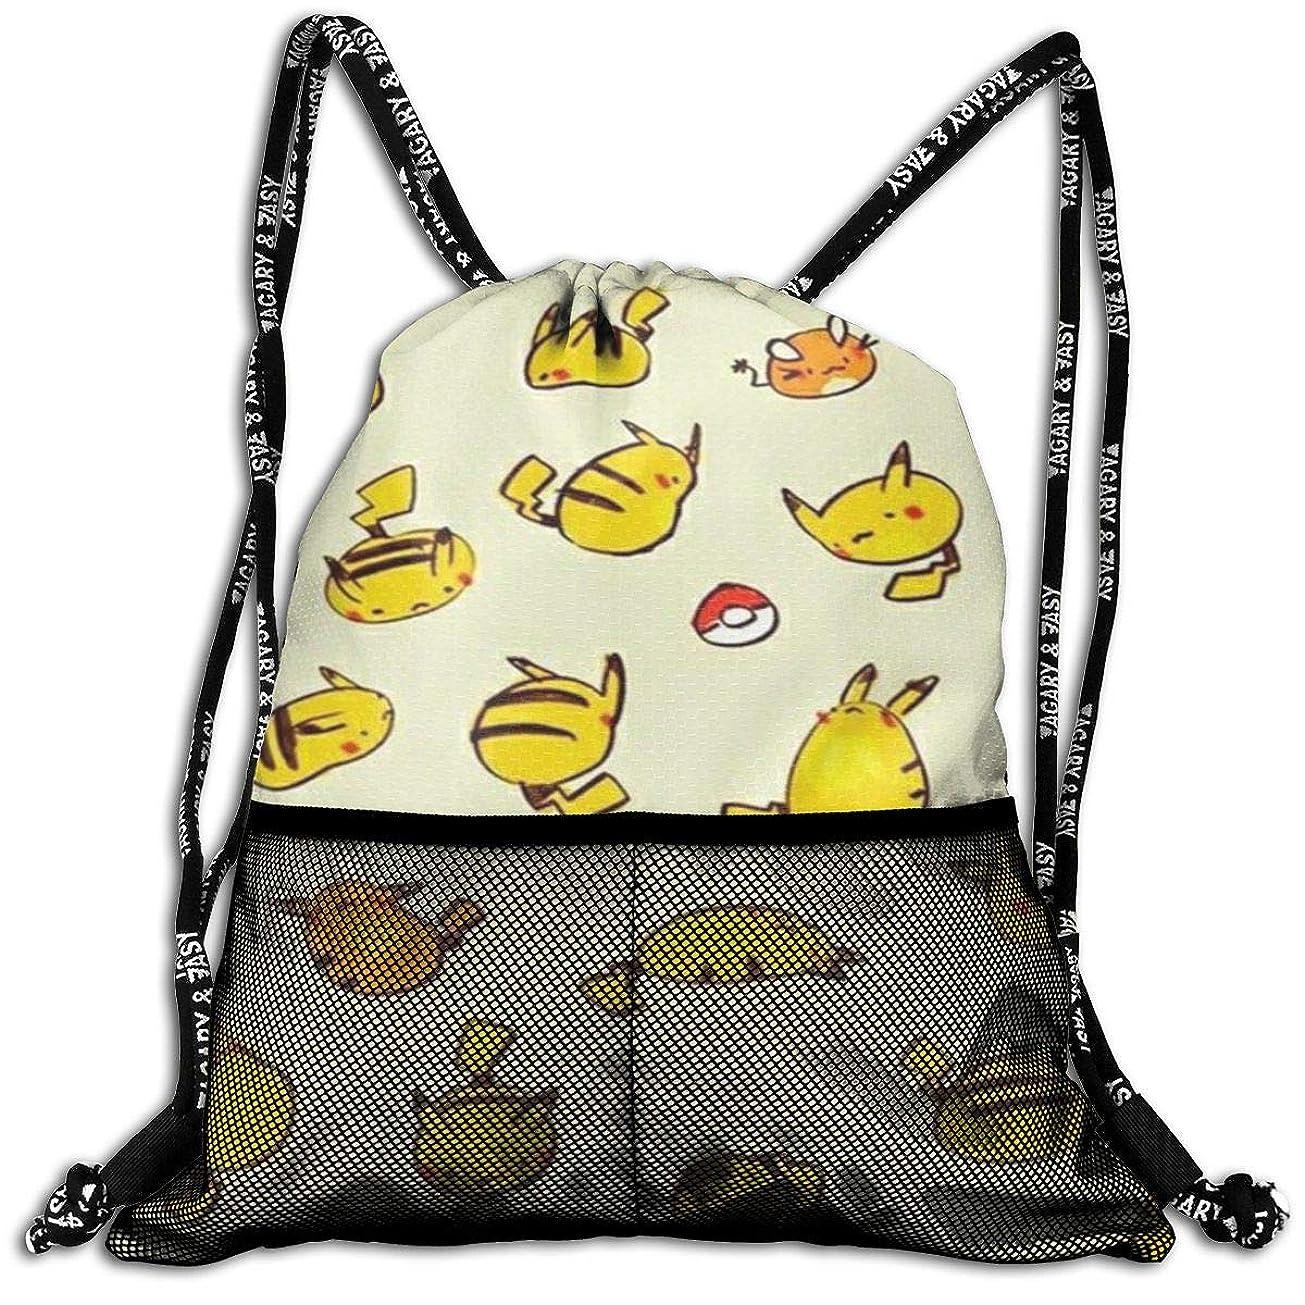 呼吸構造的同志Pokemon ピカチュウ ジムサック?ナップサック スポーツバックスポーツ用バッグ バックパック 超軽量 運動/旅行/部活用 男女兼用 収納 折りたたみ 子供